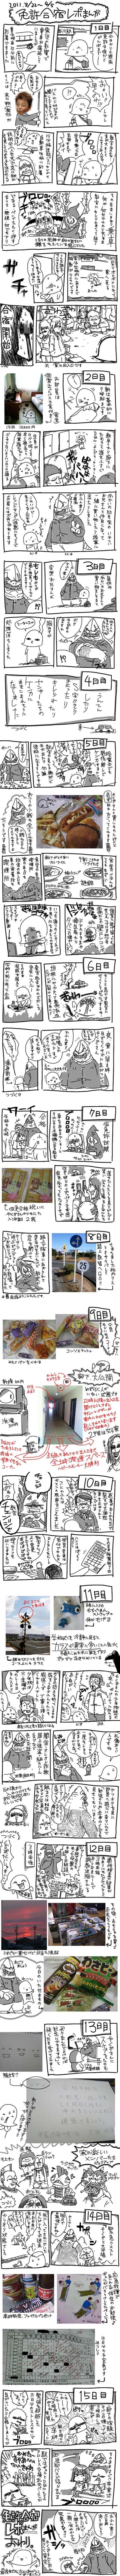 【朗報】ニート俺氏、勇気を出して合宿免許に行こうと決意するもこの漫画を読んで無事断念